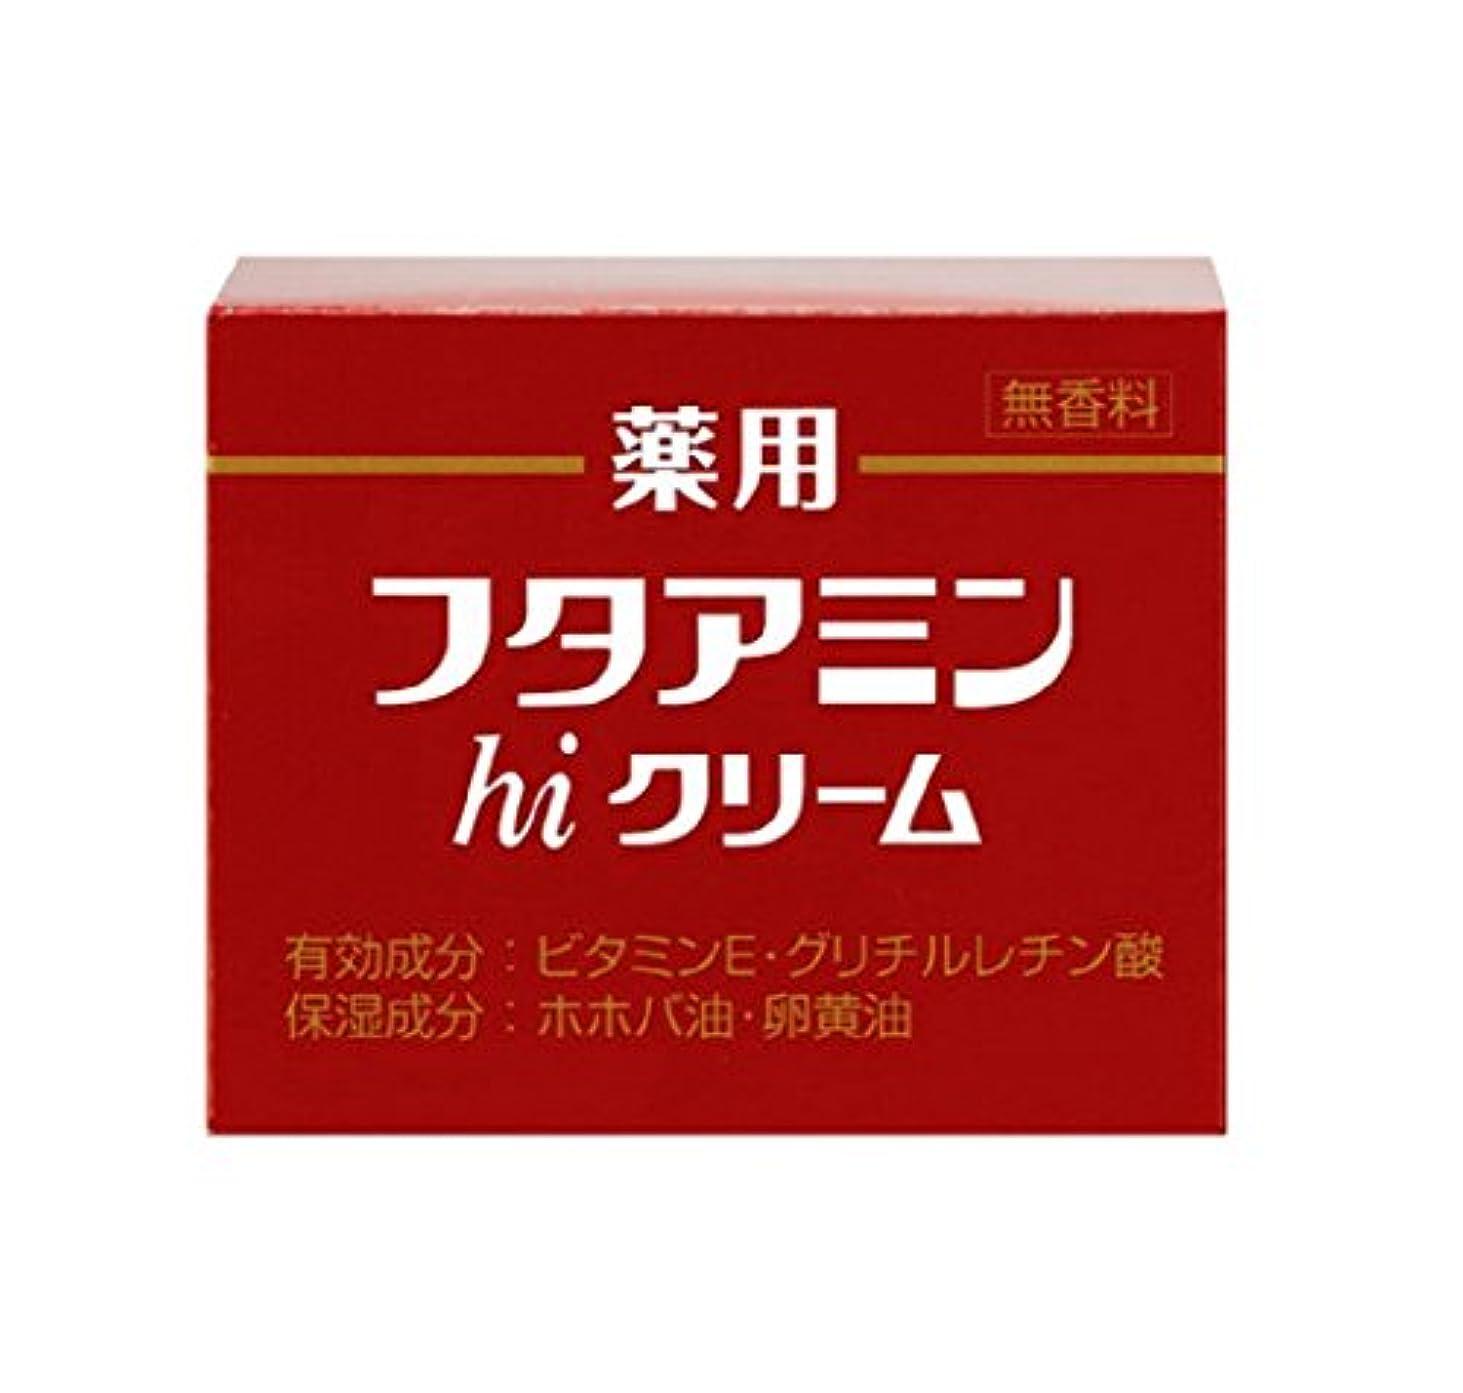 消化器姓コメンテーター薬用フタアミンhiクリーム 130g